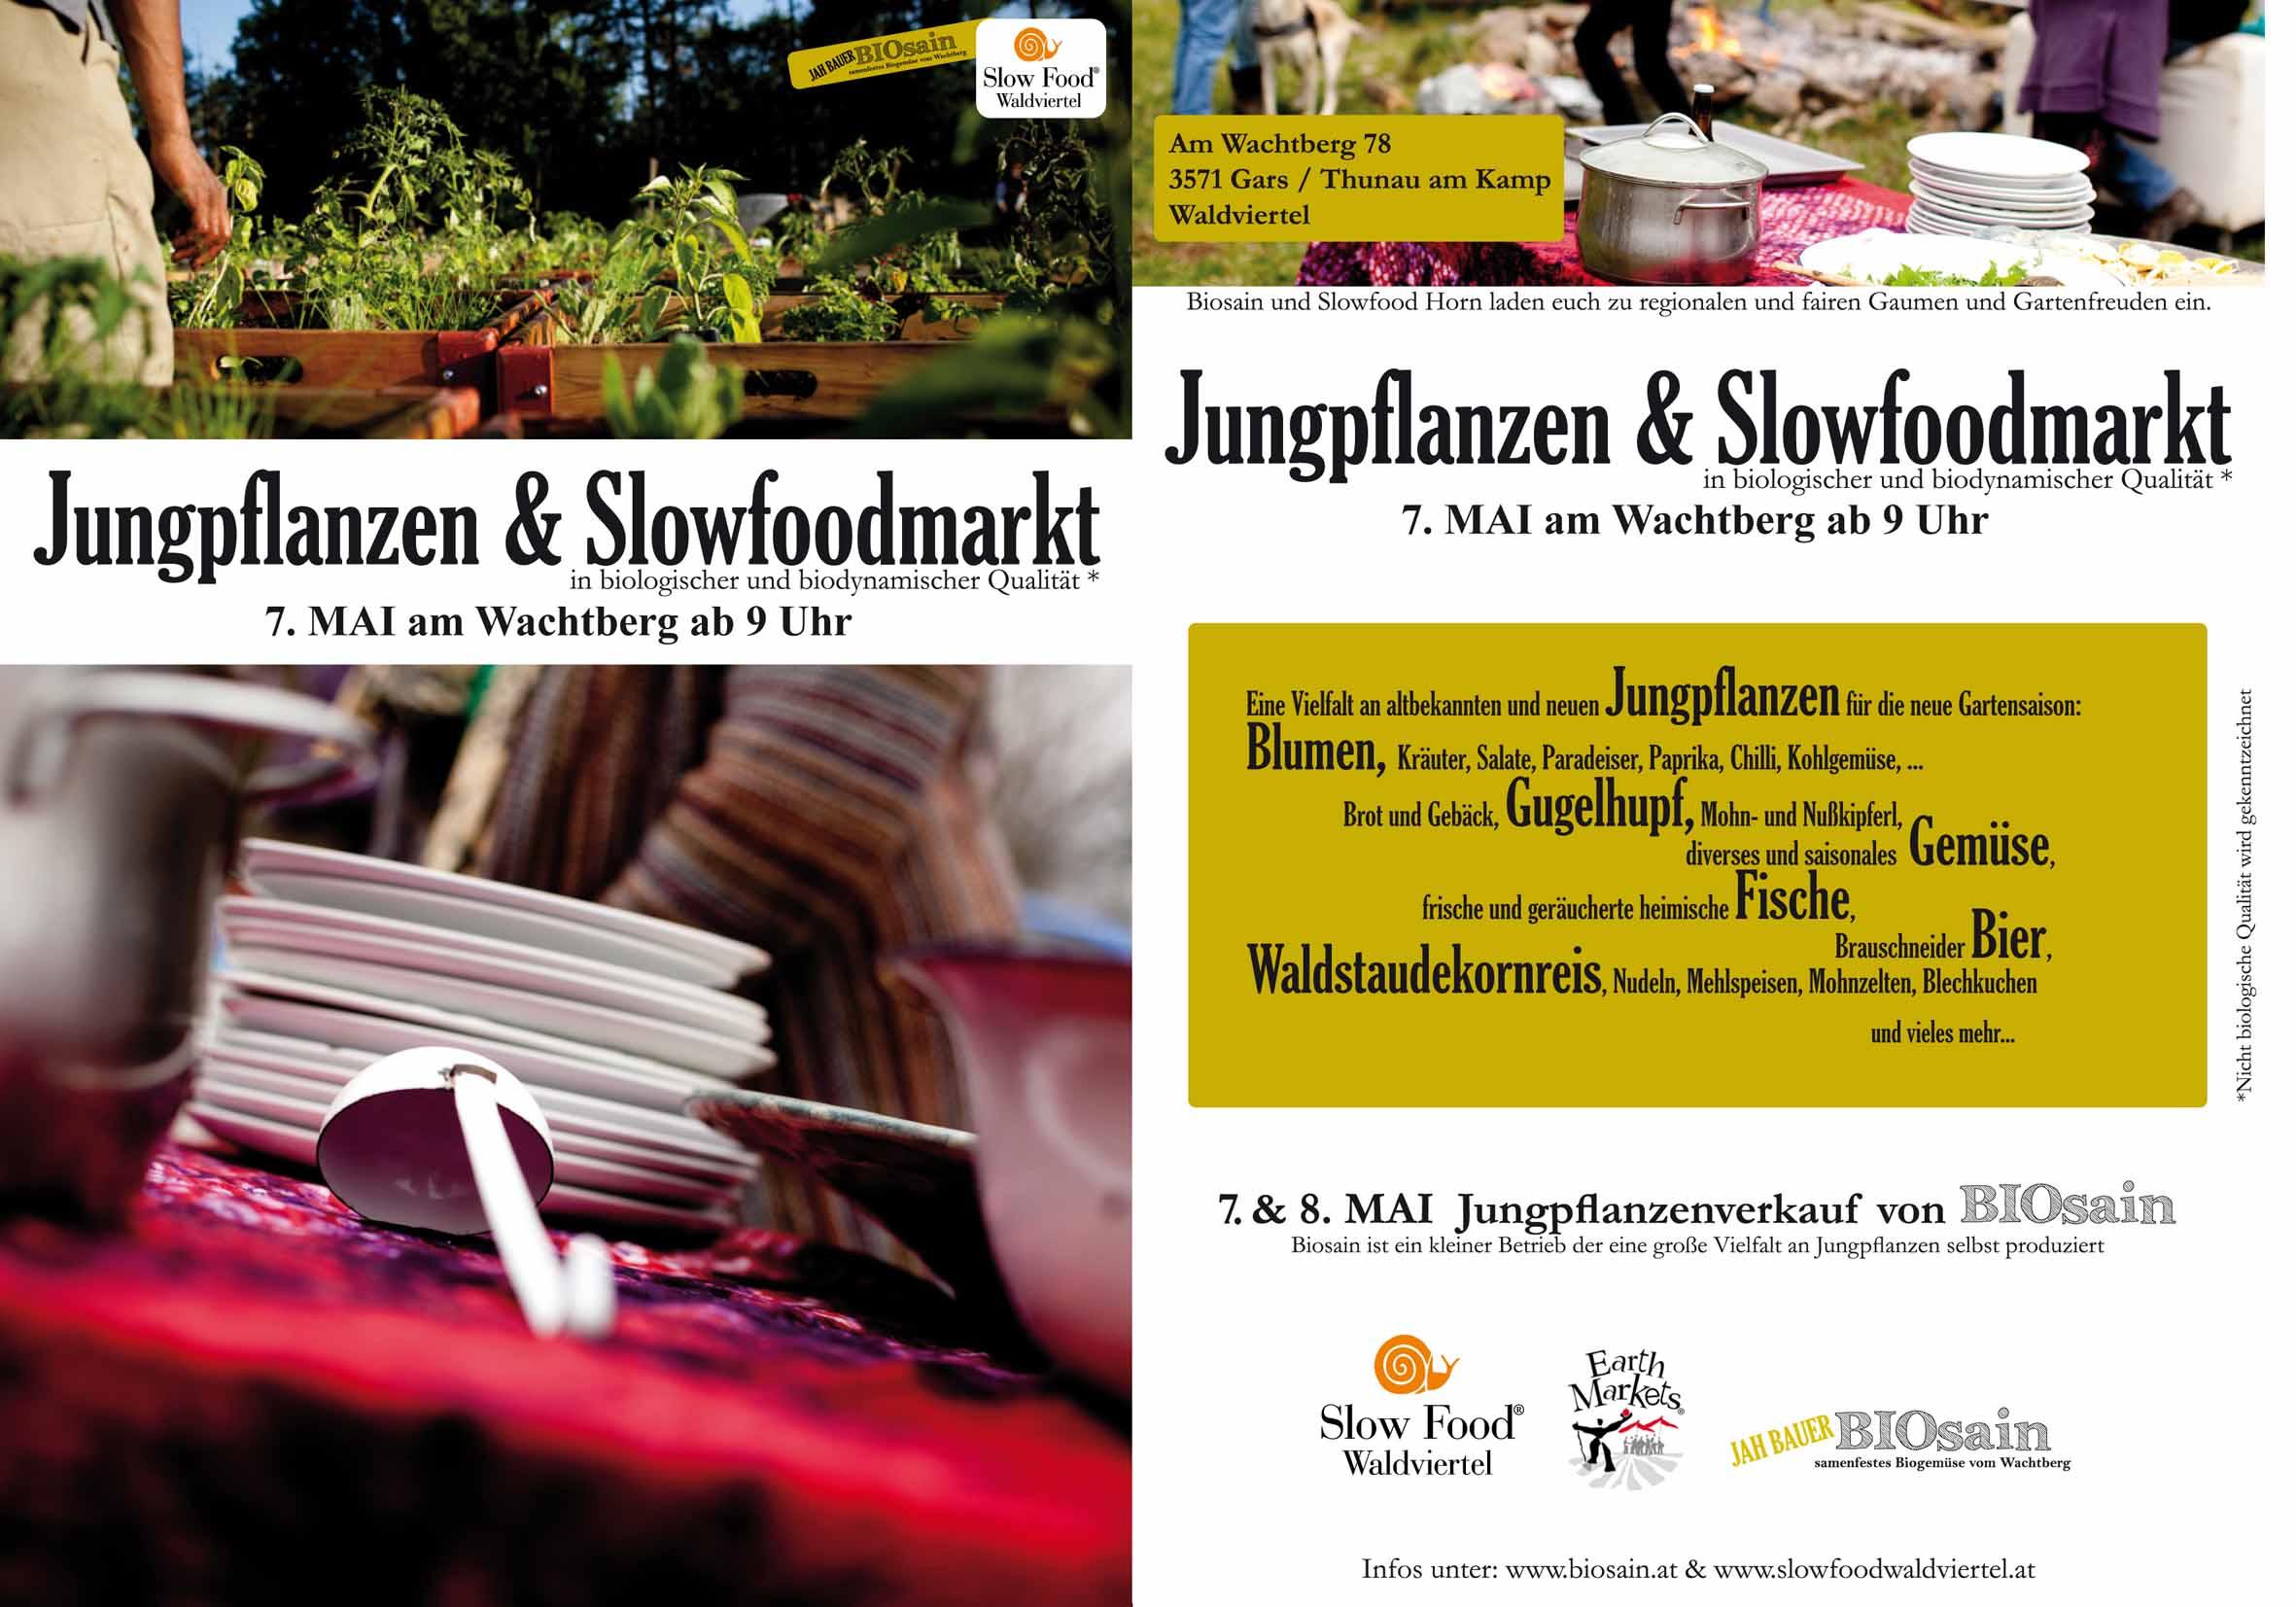 flyer_jungpflanzen2016_online-3